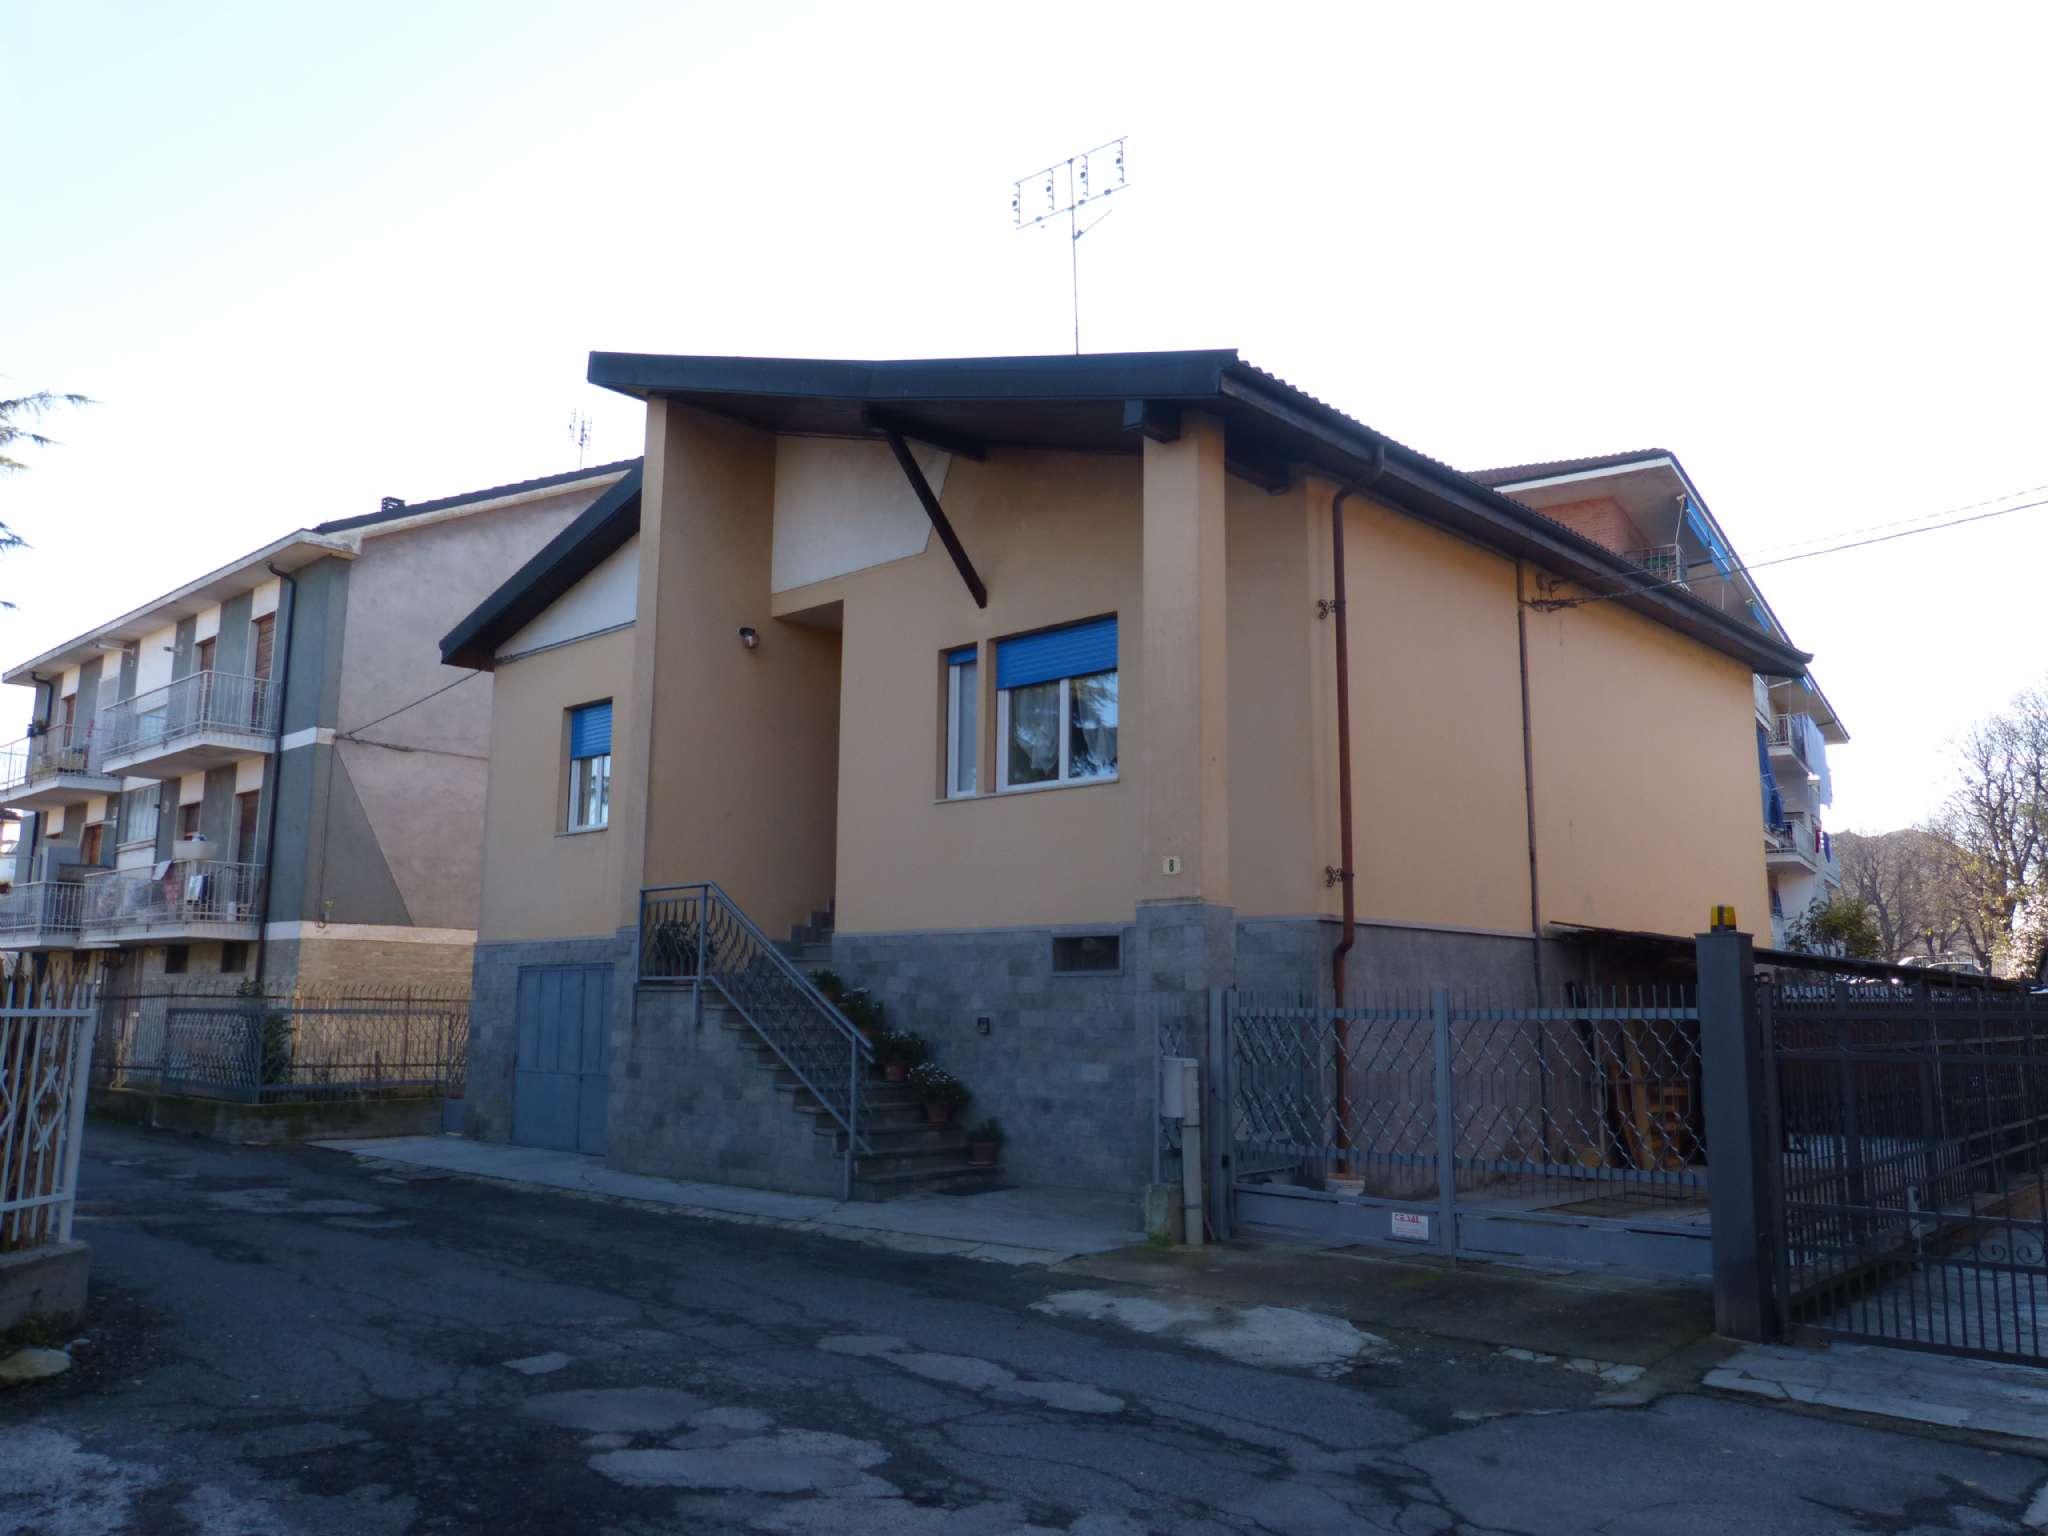 Soluzione Indipendente in vendita a Fossano, 5 locali, prezzo € 250.000 | CambioCasa.it